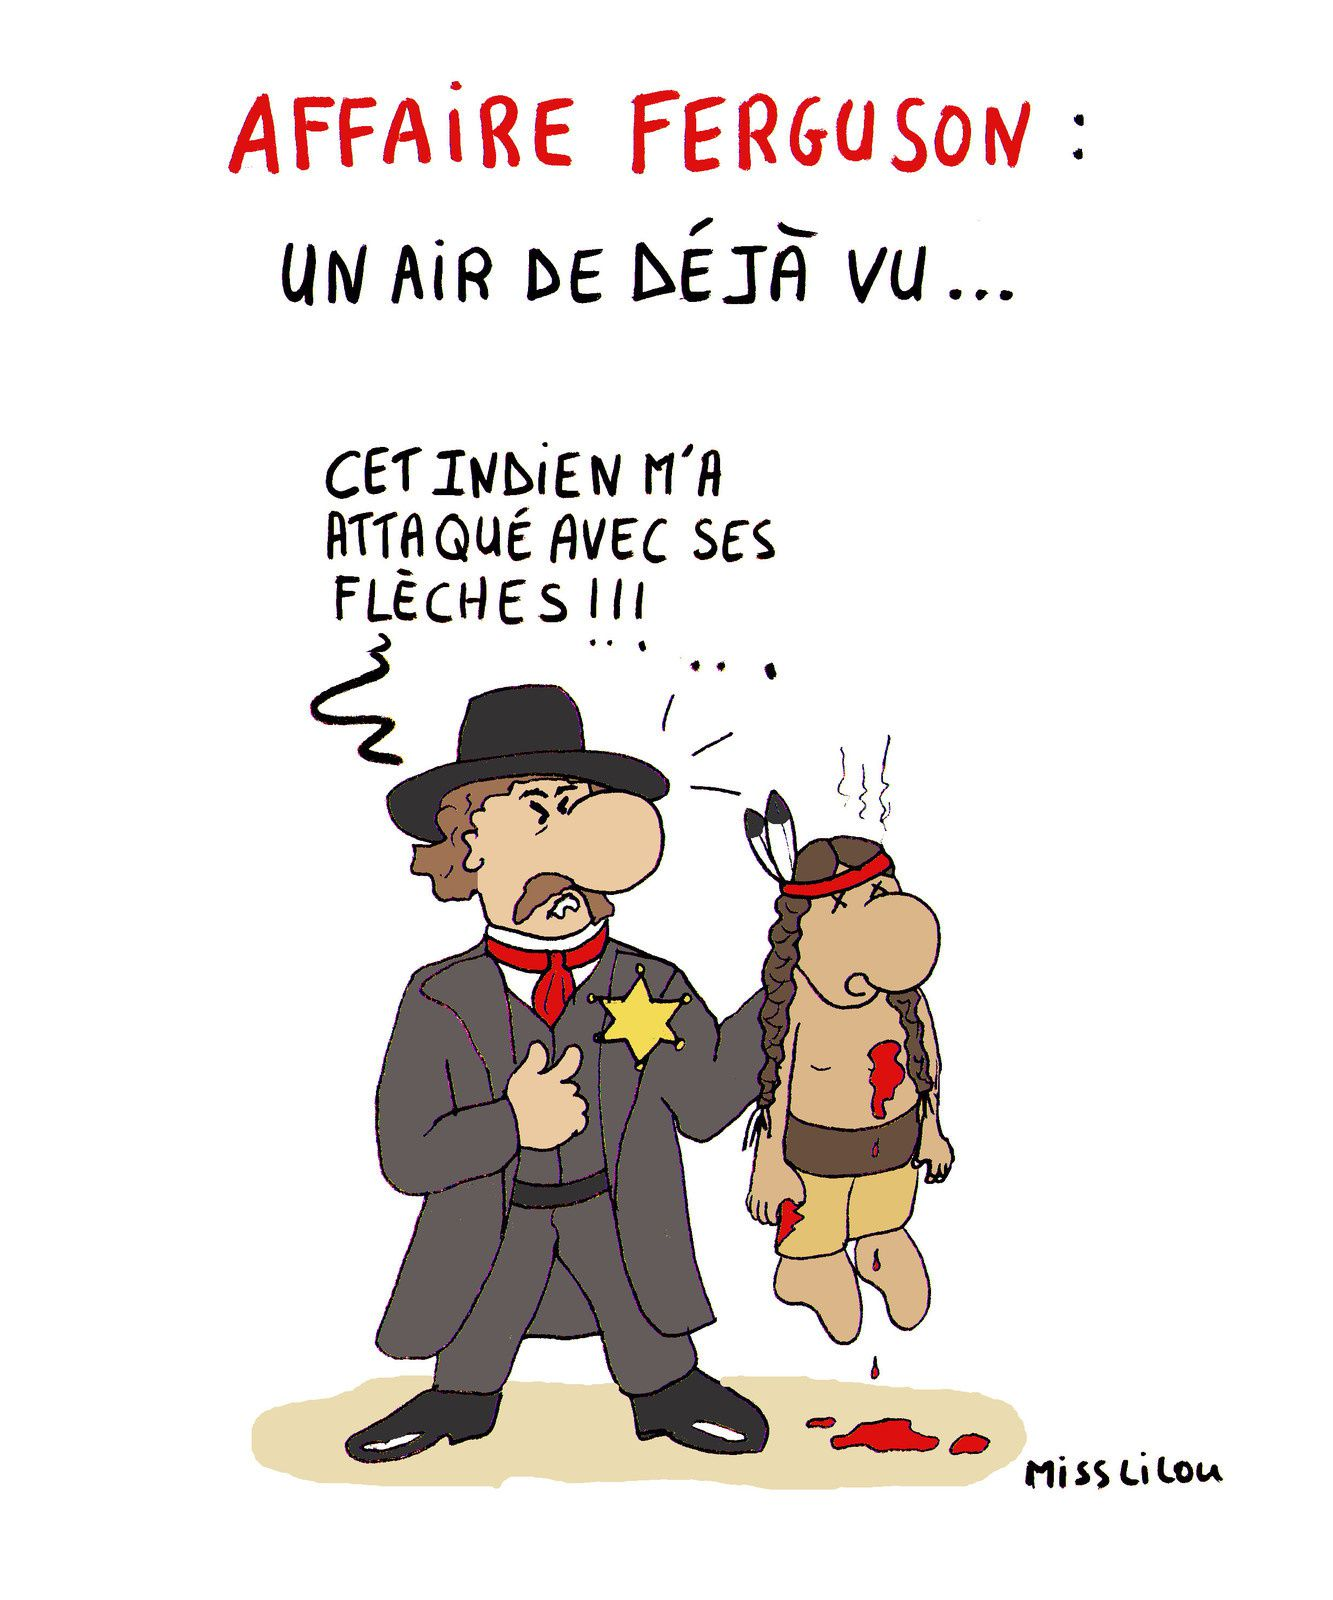 AFFAIRE FERGUSON : UN AIR DE DÉJÀ VU...